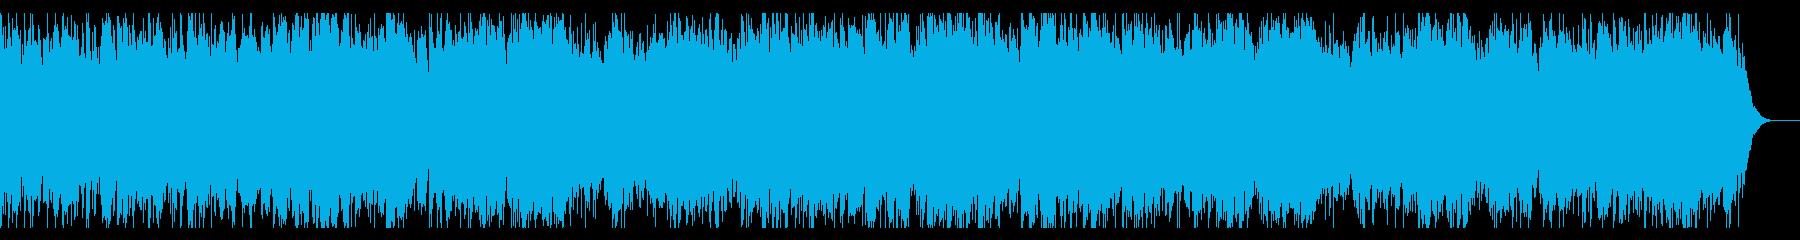 薄暗い森を進むような、幻想的なBGMの再生済みの波形